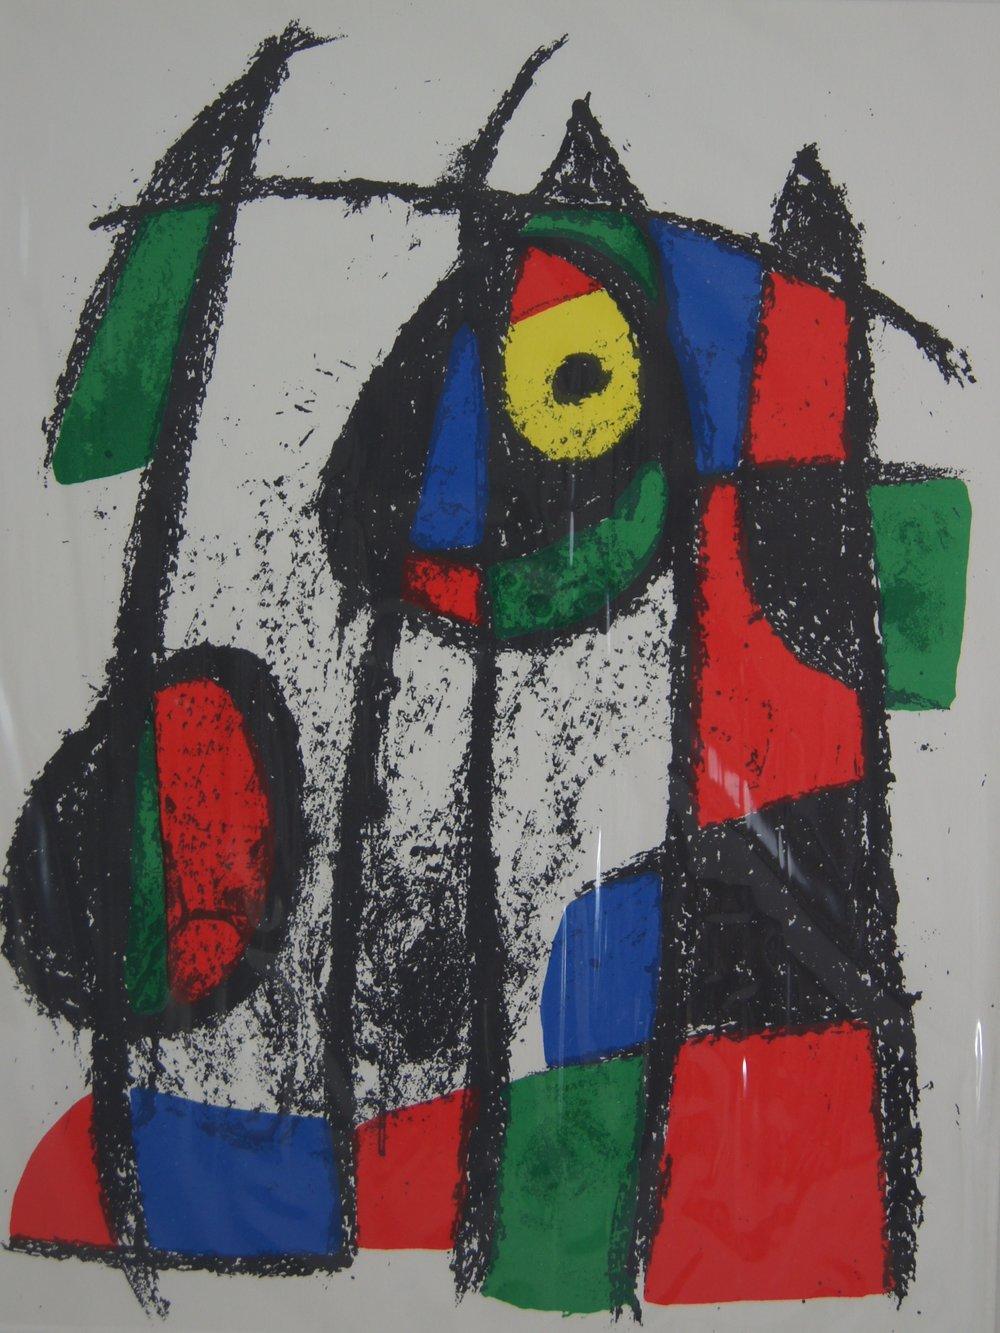 UNTITLED VII Vol. II - 310 x 235 mm - $695.00